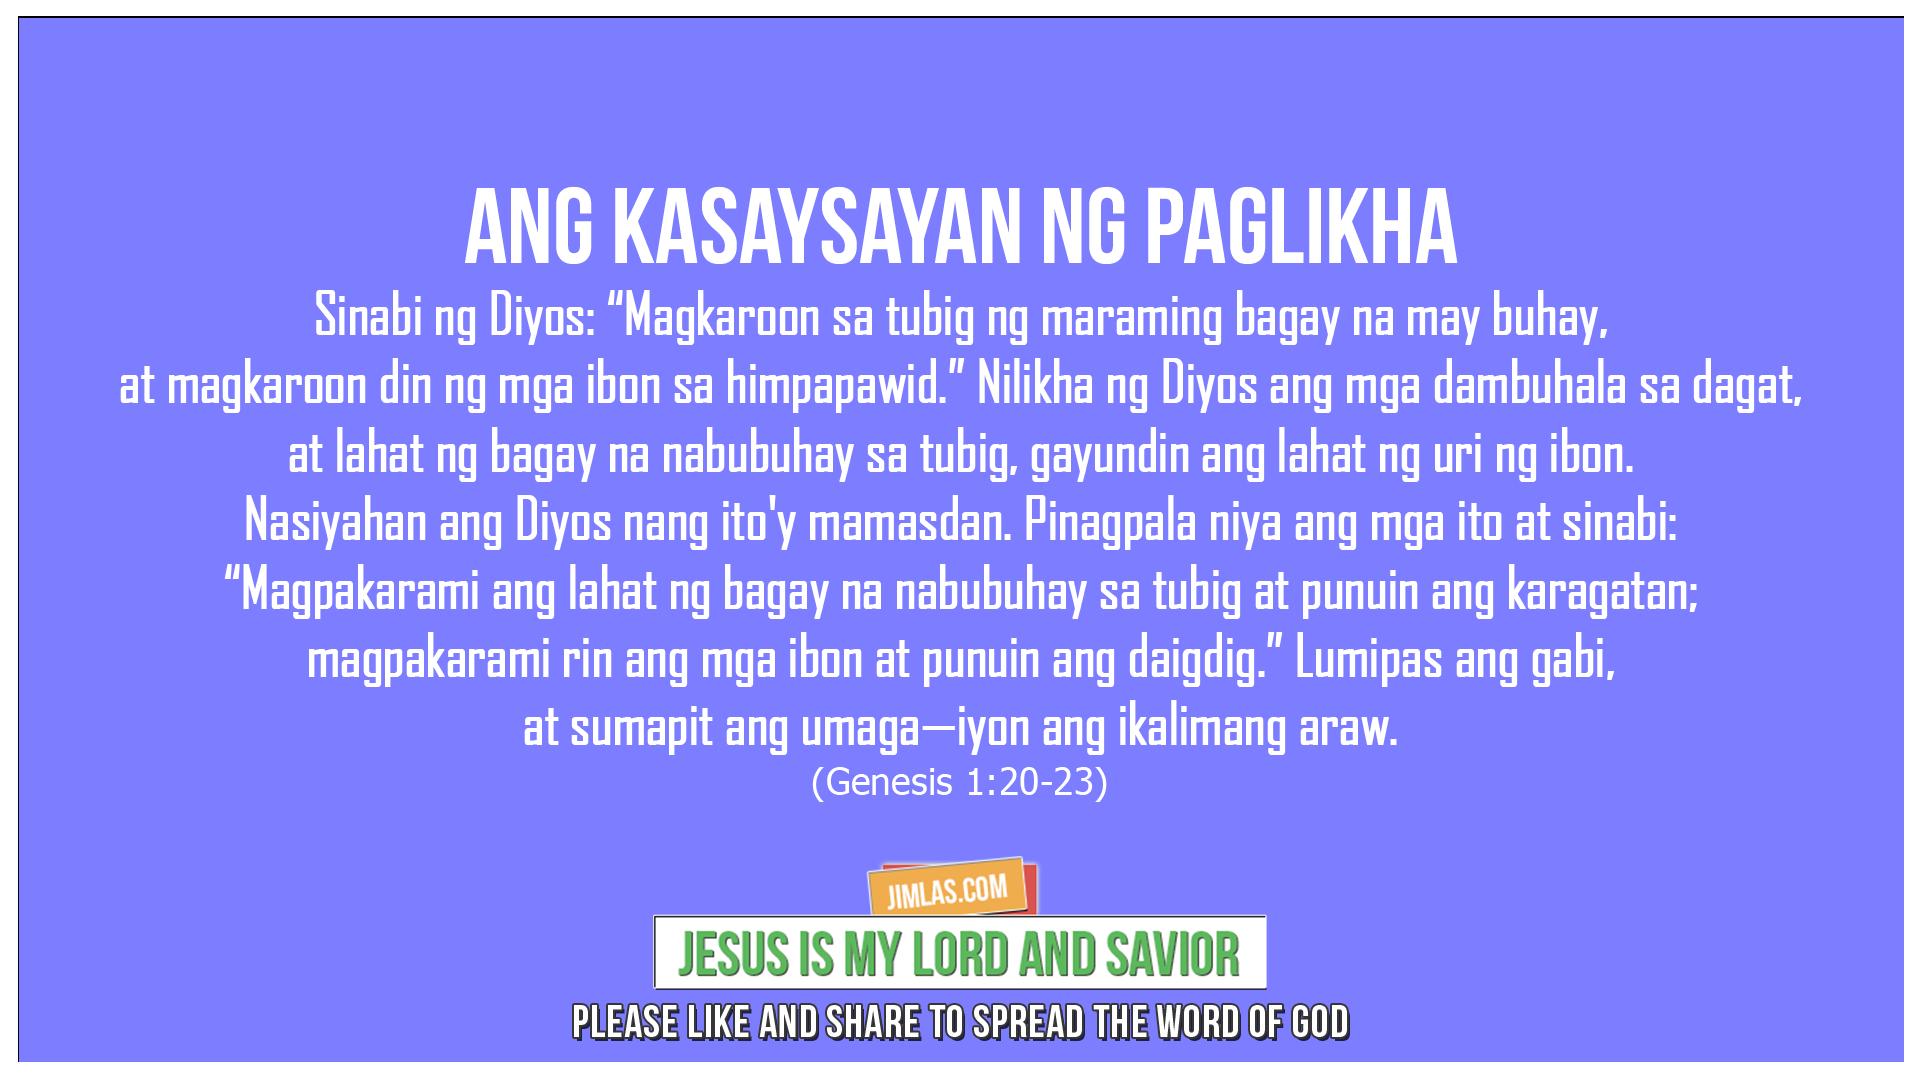 Genesis 1:20-23, Genesis 1:20-23